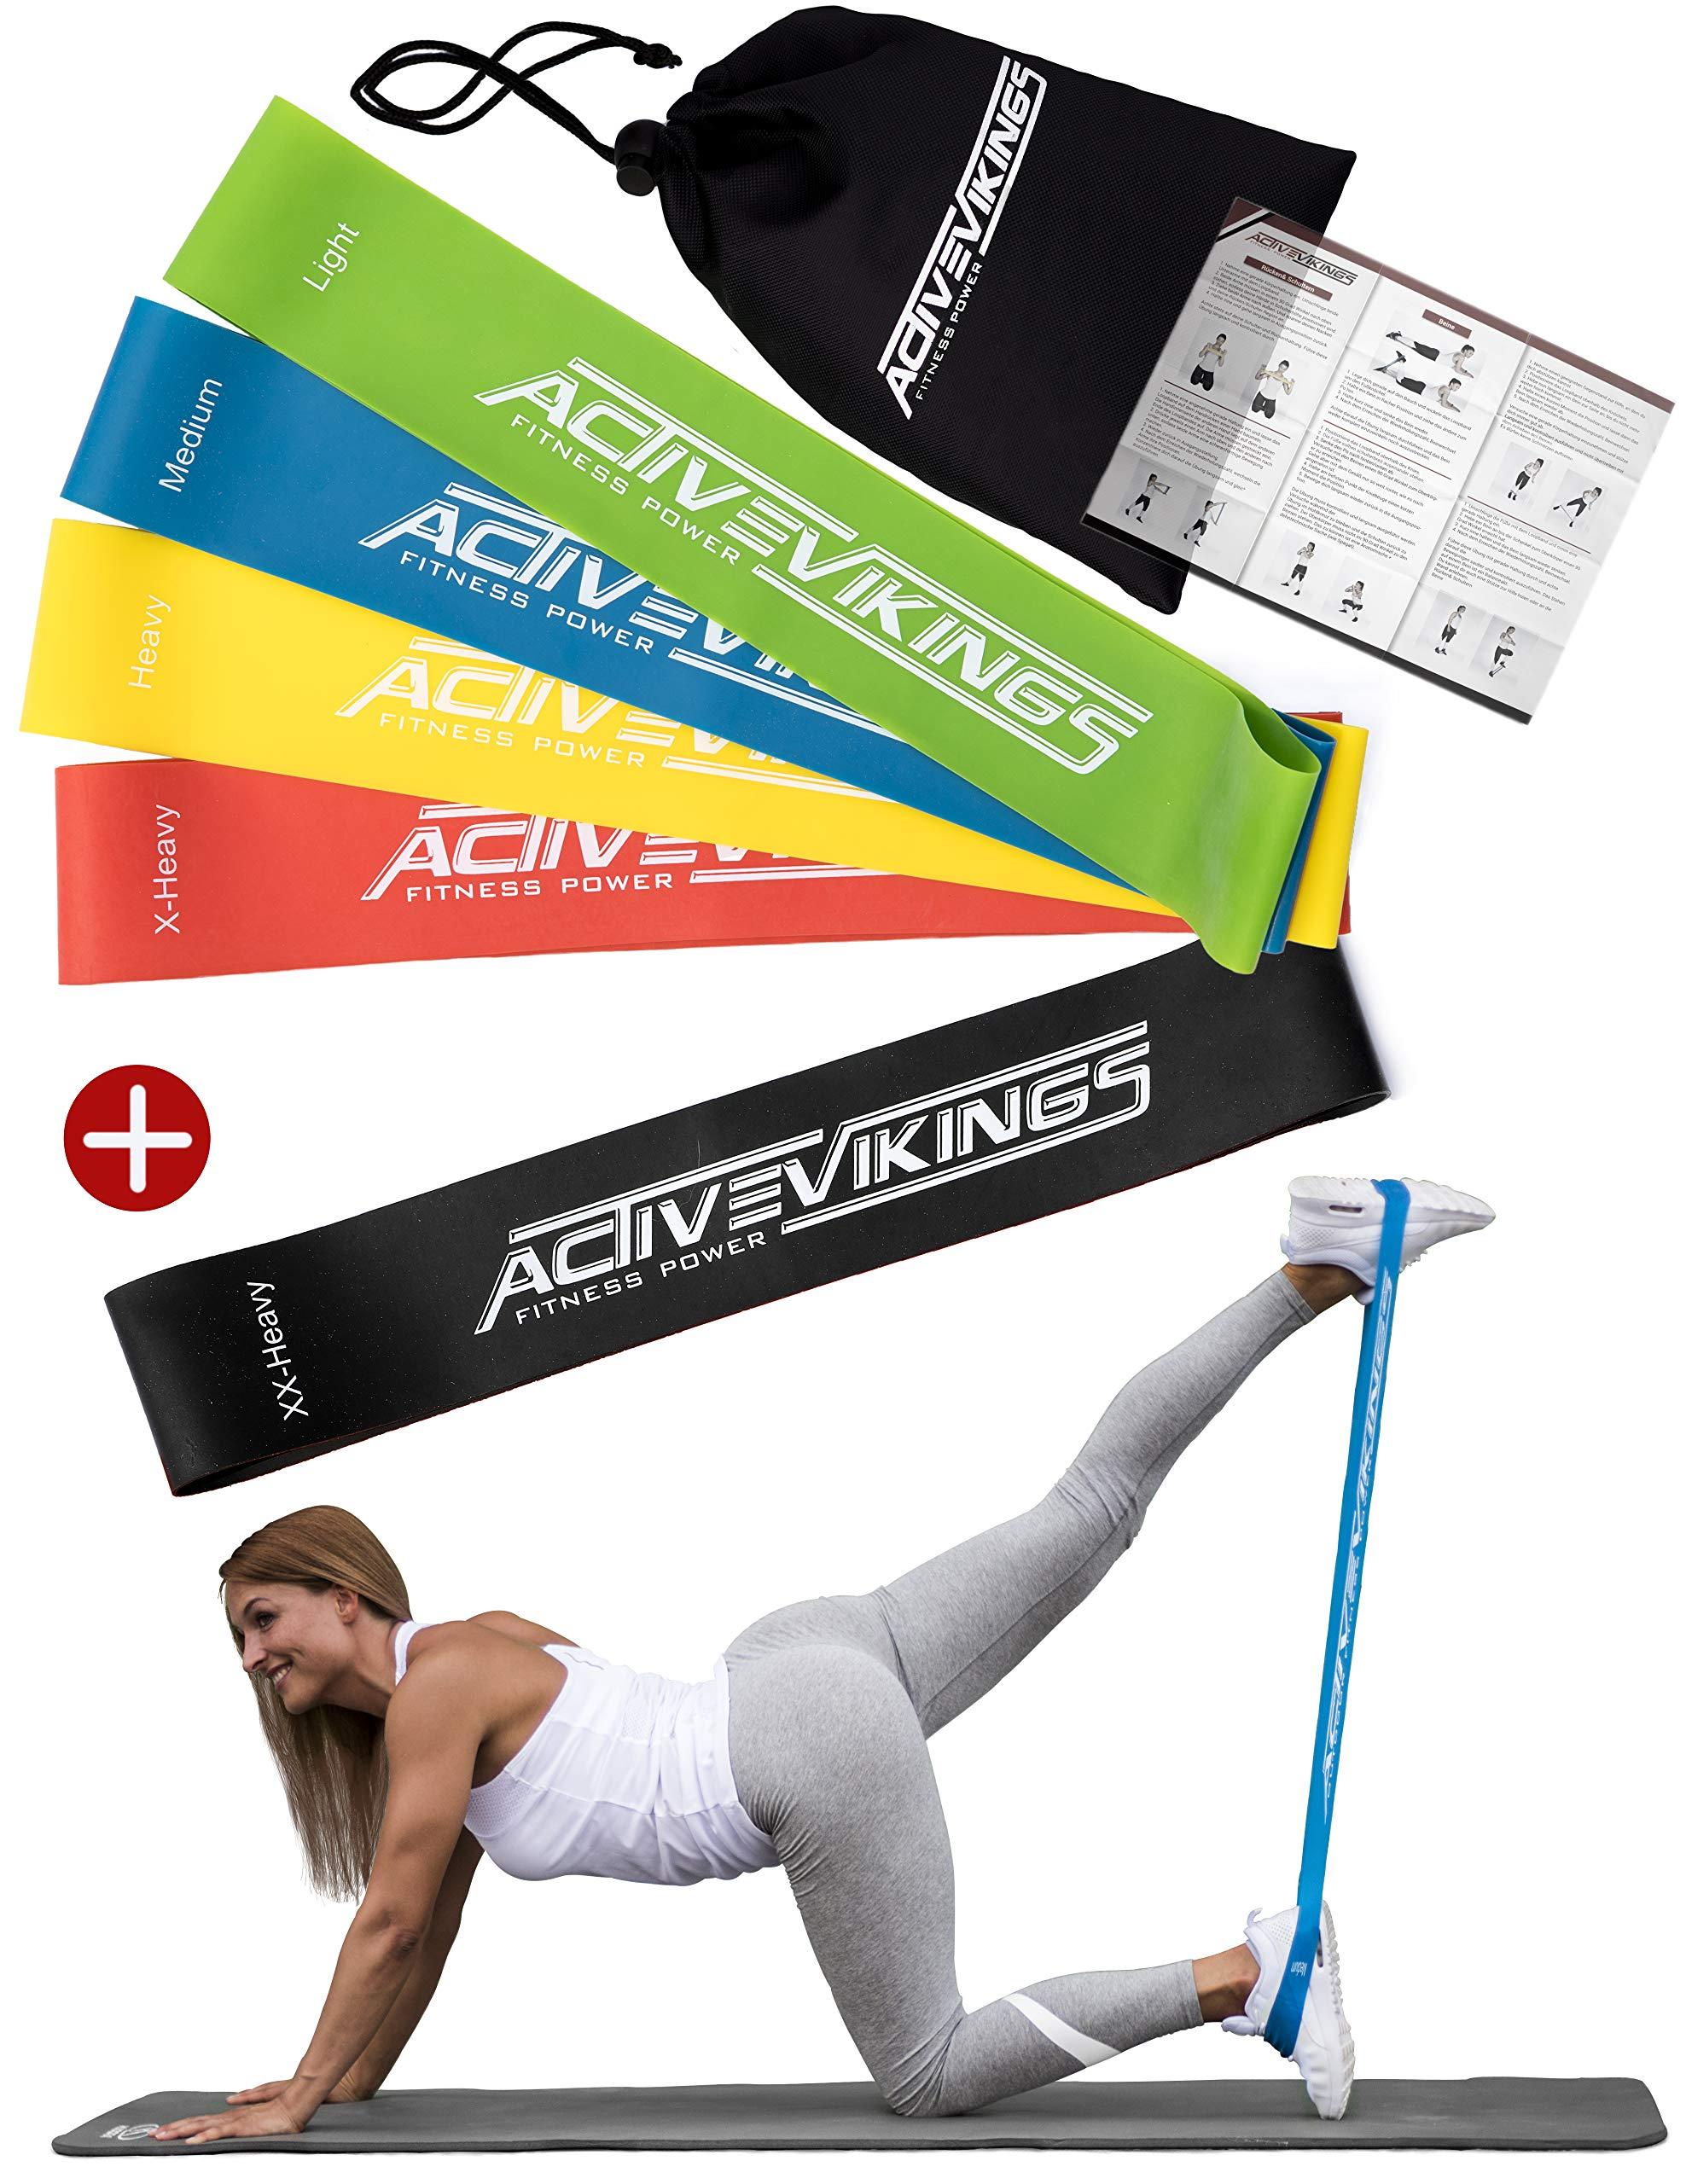 Schönheit & Gesundheit Haut Pflege Werkzeuge Ordentlich Körper Fuß Pflege Training-tool Elastische Spannung Resistance Band Set Tragen Tasche